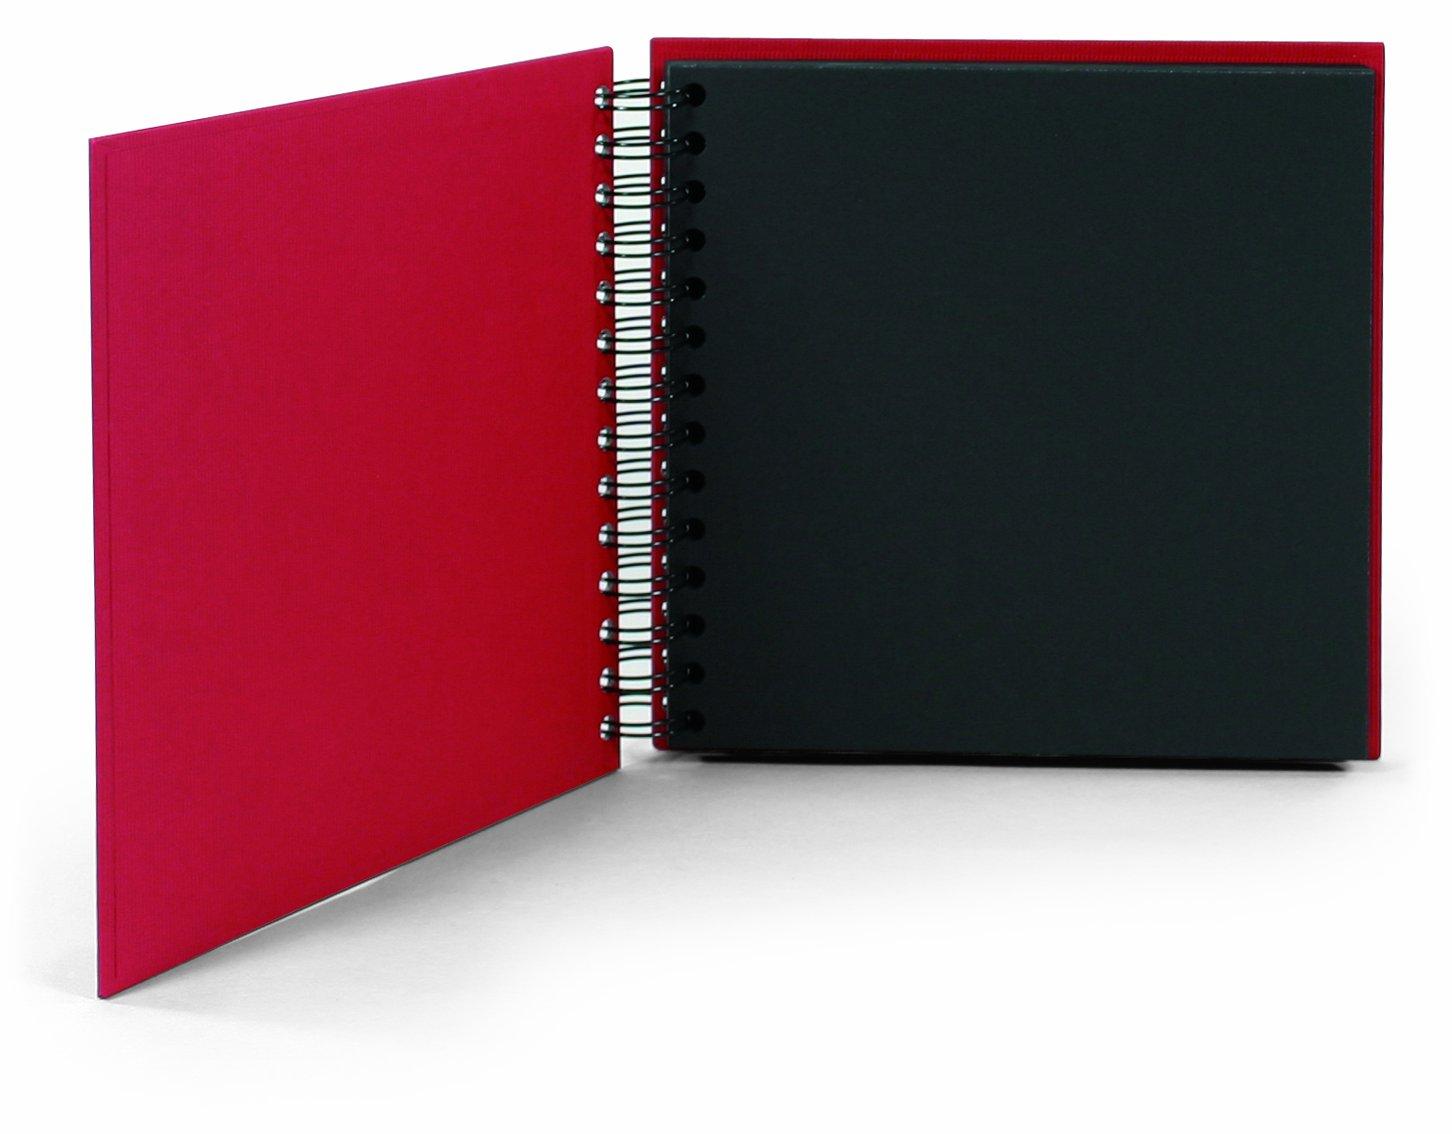 Rössler Soho - Álbum de fotos con espiral (180 x 180mm, 60 hojas), color rojo Rssler Papier 1329452365